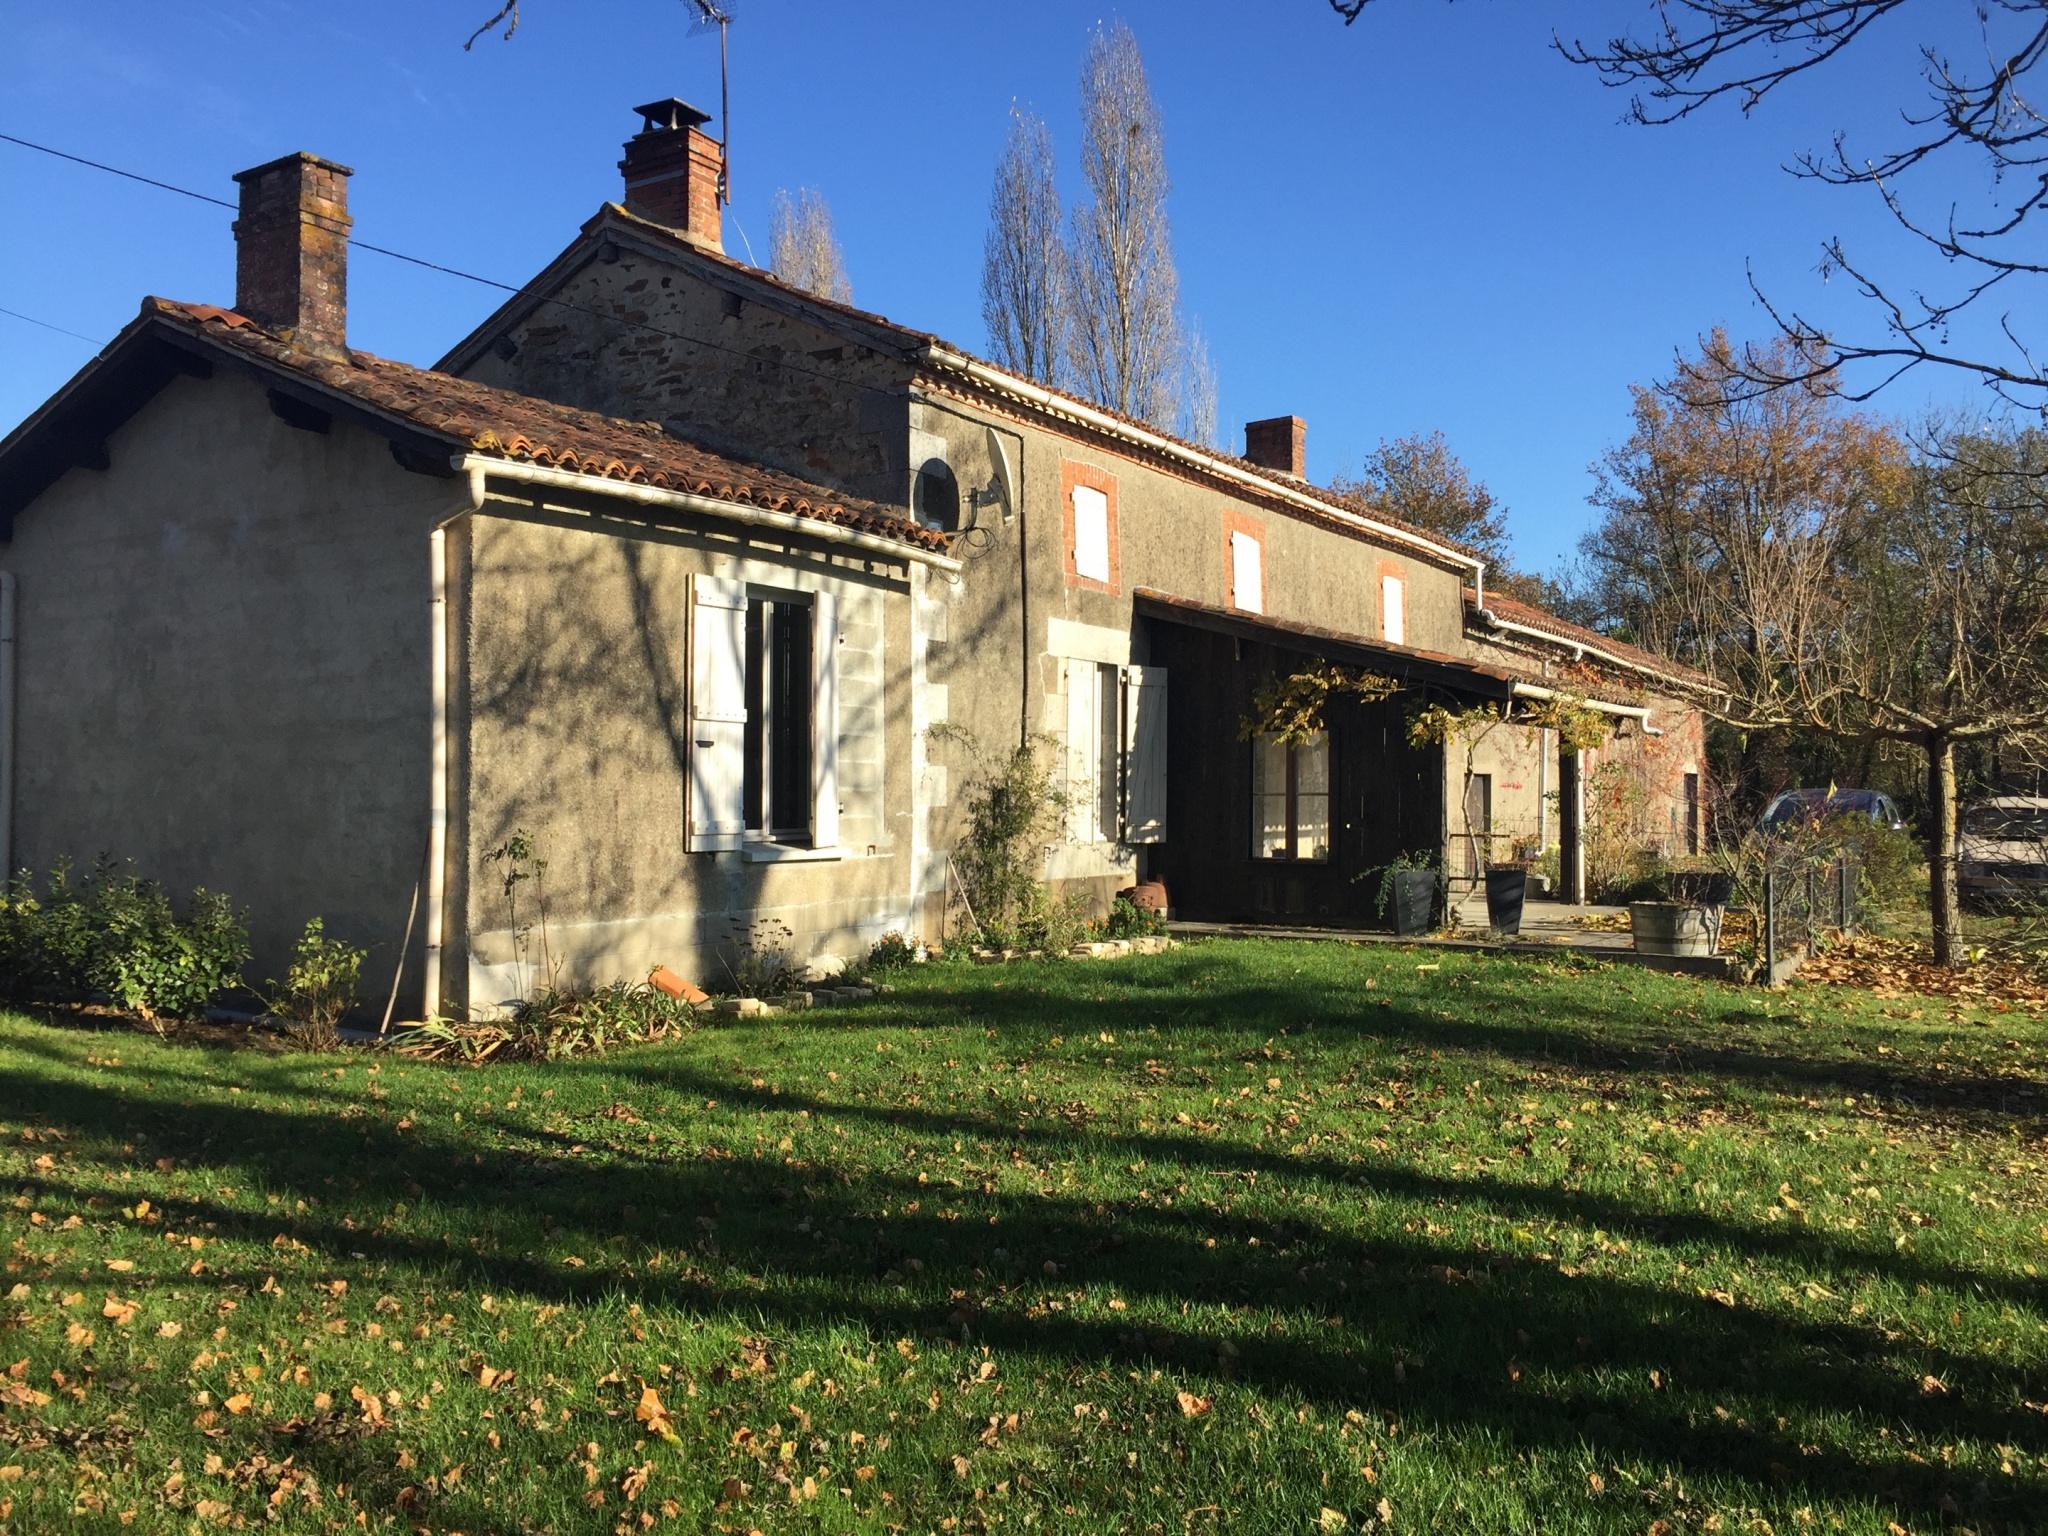 Farmin , SaInt-Barbant, Haute-VIenne, LImousIn, France